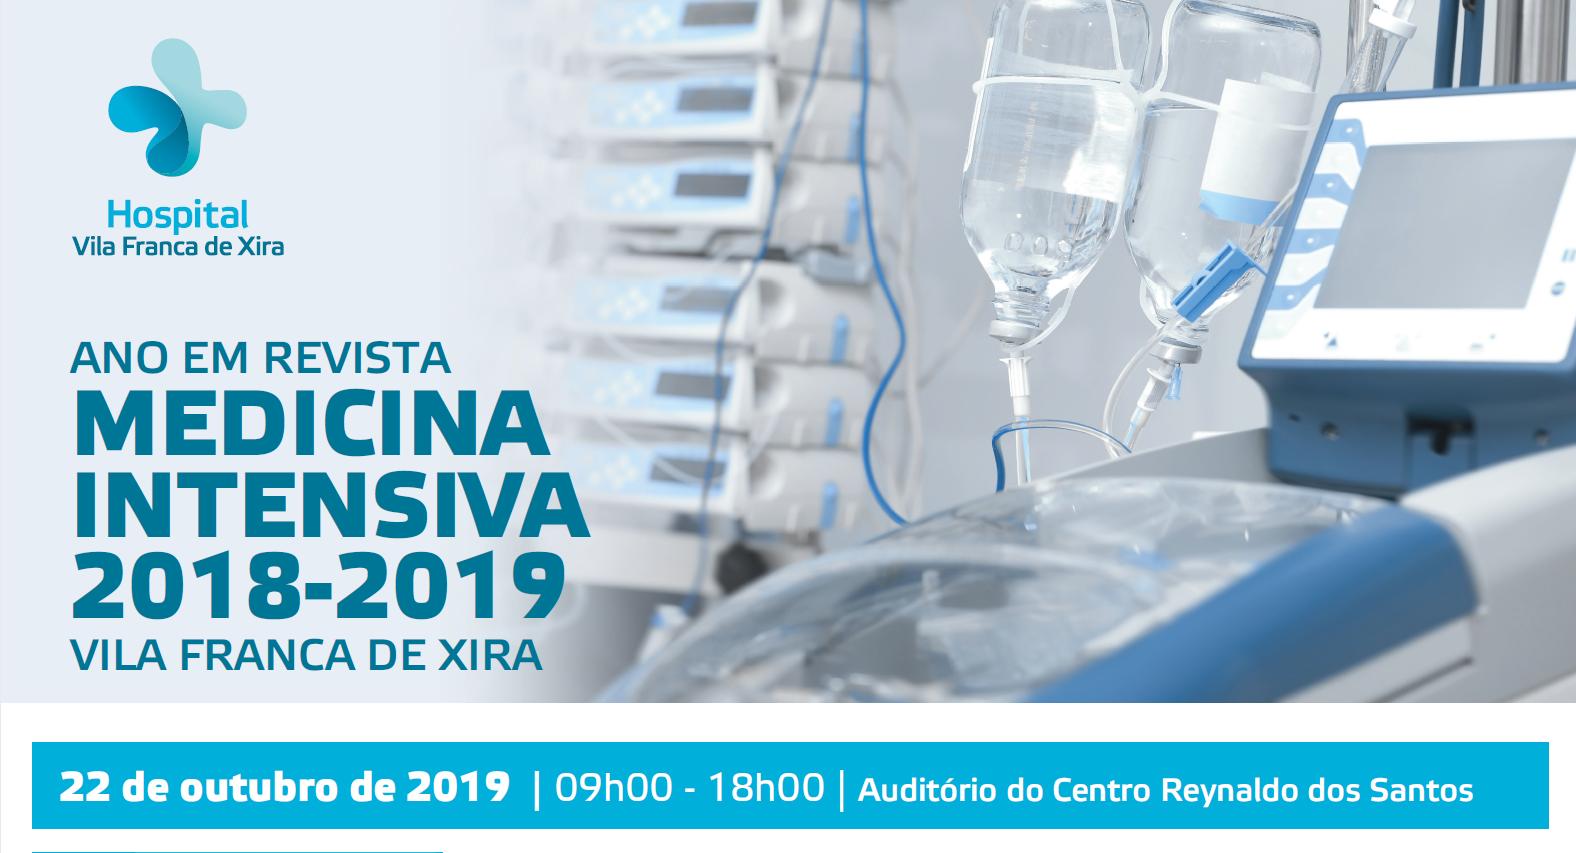 hospital-de-vila-franca-de-xira-Ano em Revista - Medicina Intensiva 2018-2019